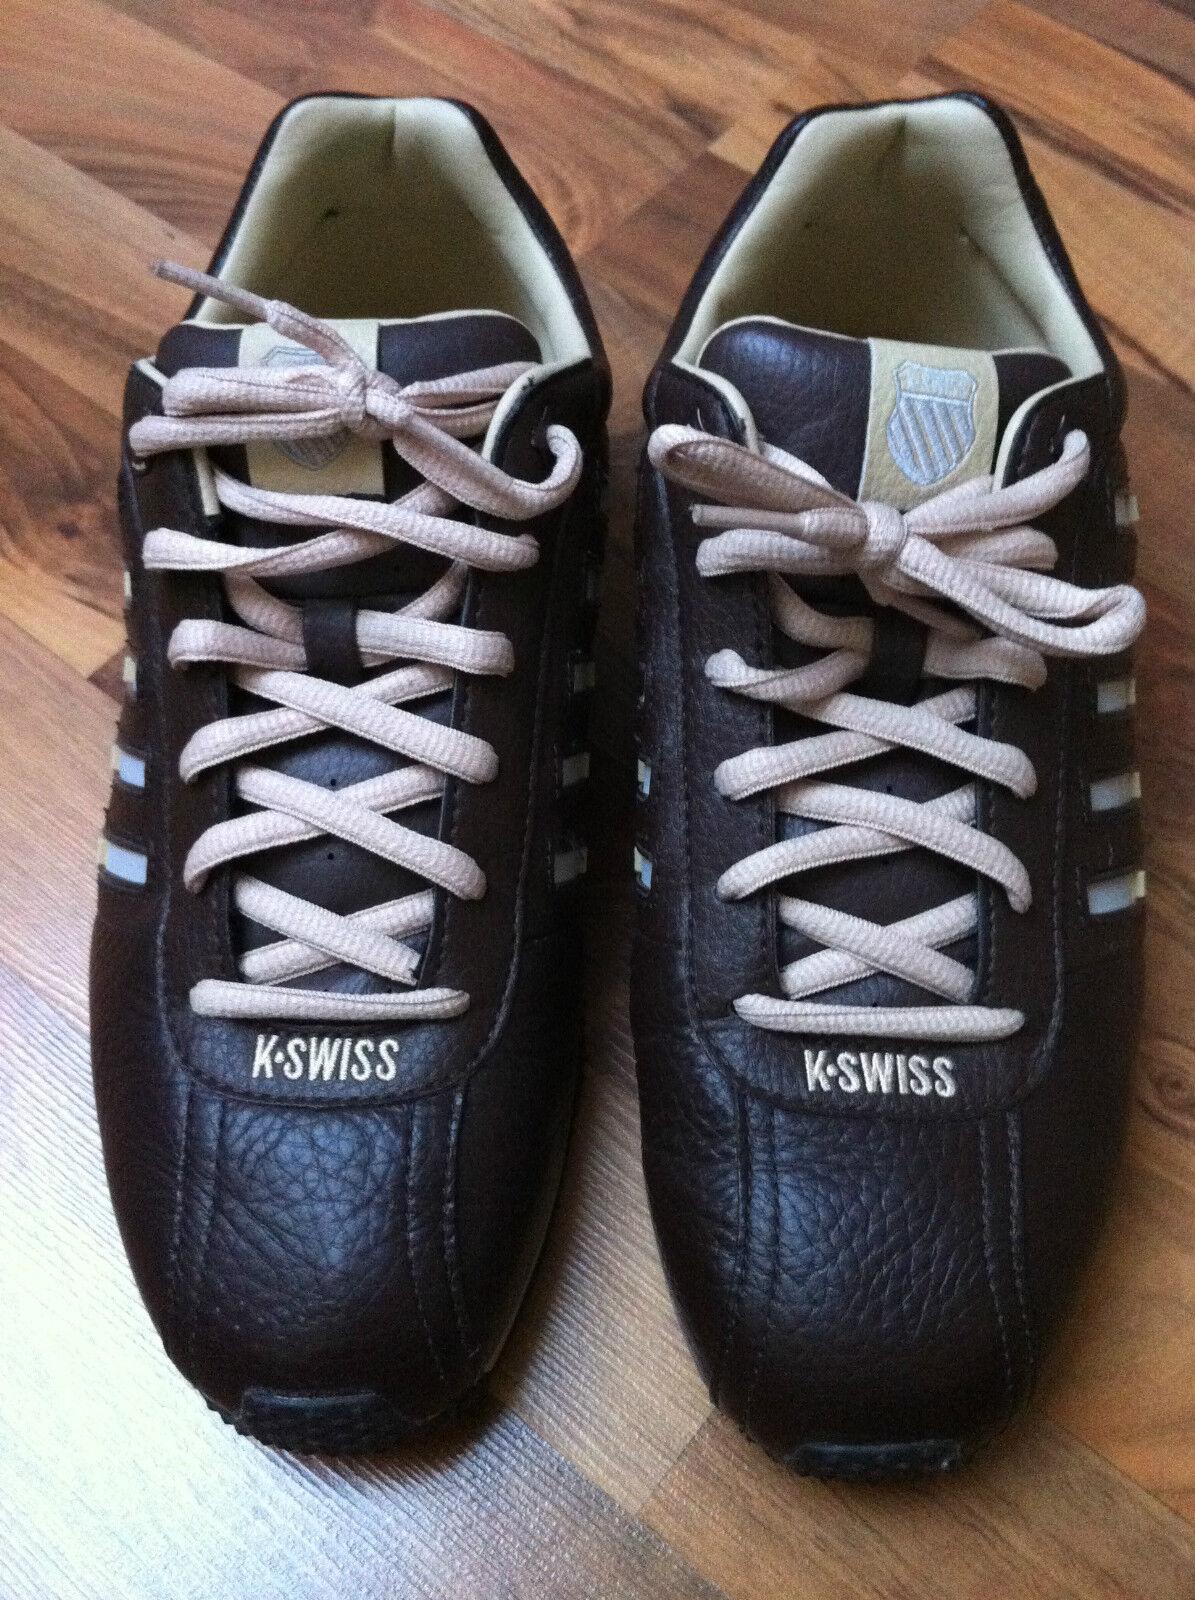 K-SWISS * Sneakers * Stripe Shifter Shoes * Braun * Größe: EU 41,5/US 7,5